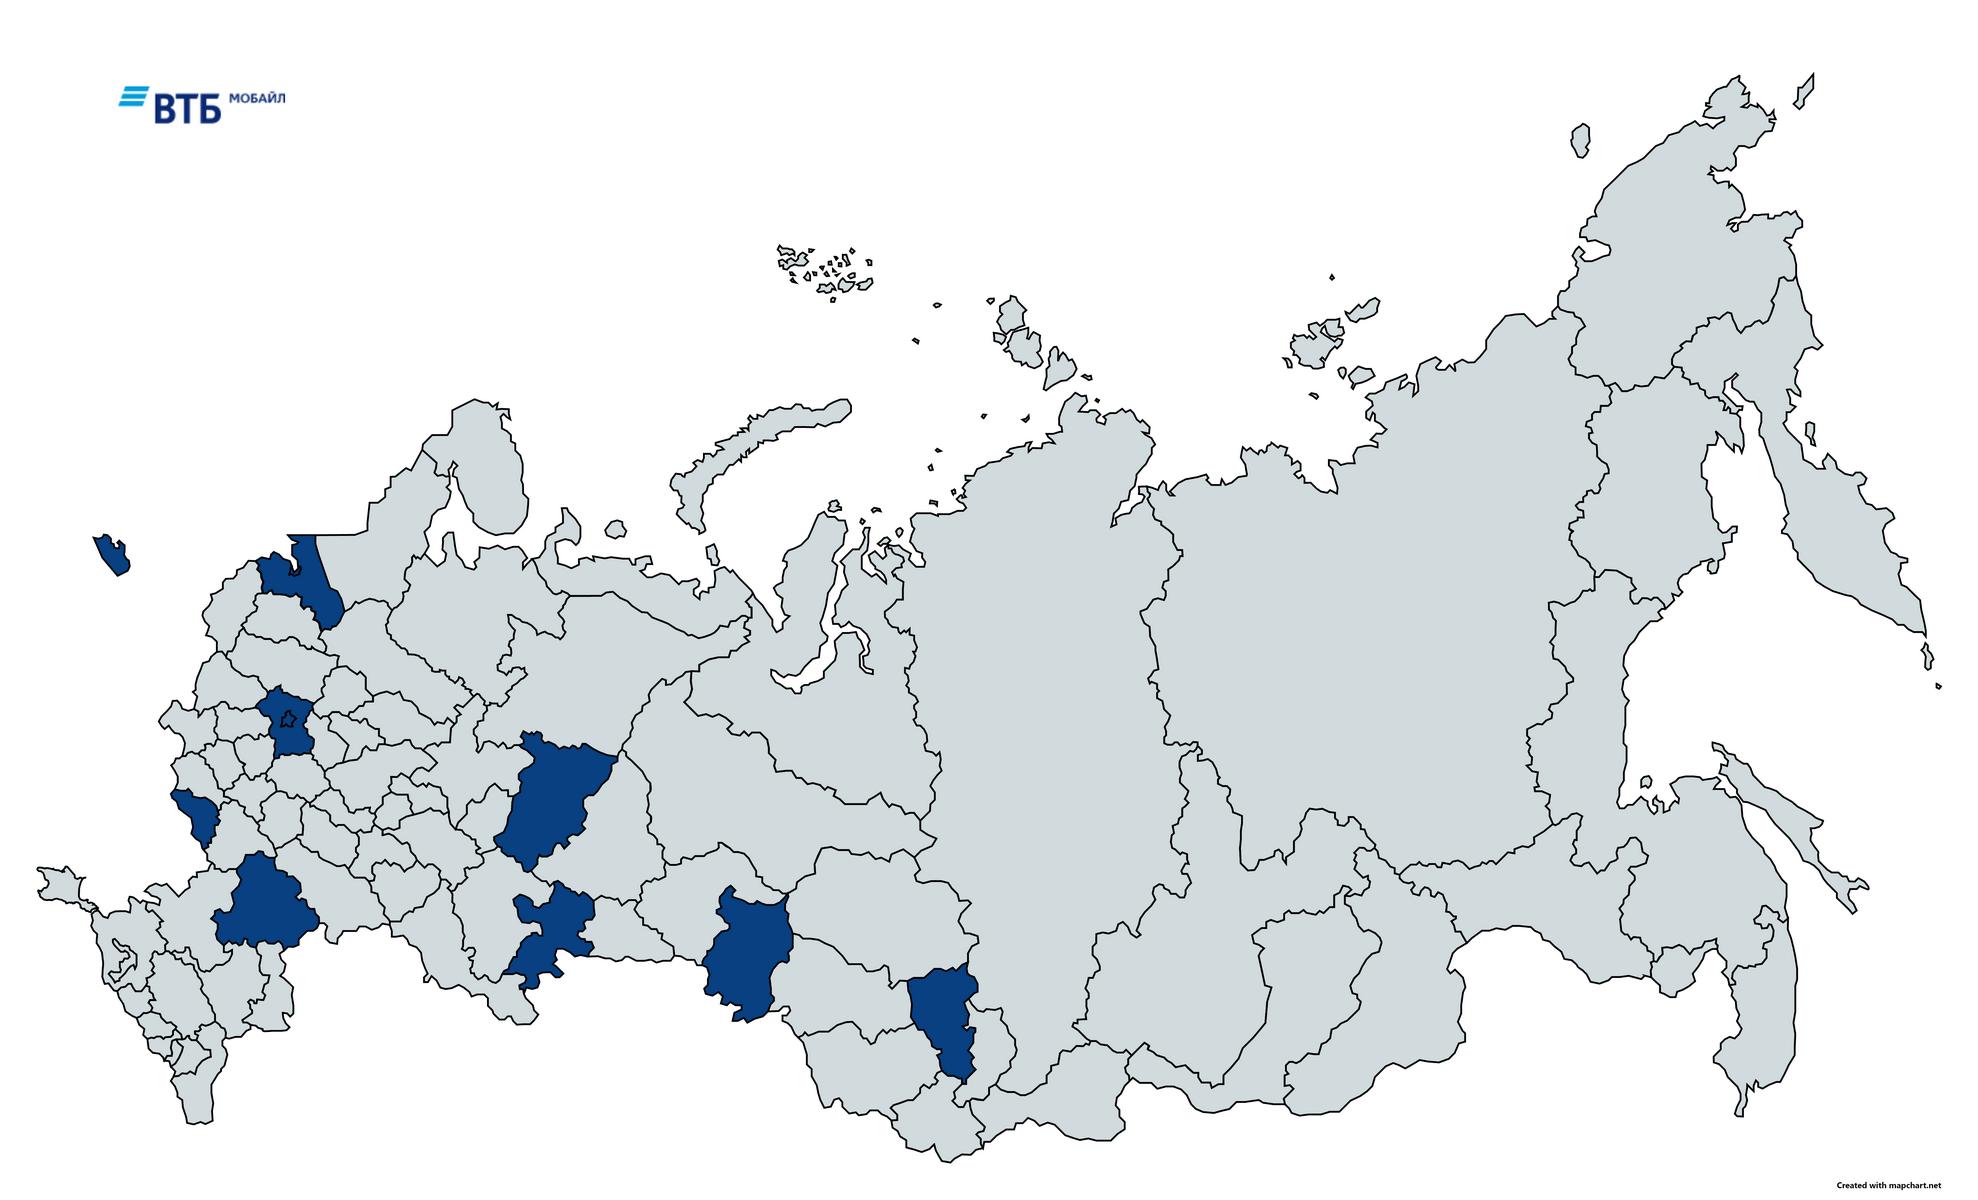 ВТБ Мобайл запустил сеть в Омске 2